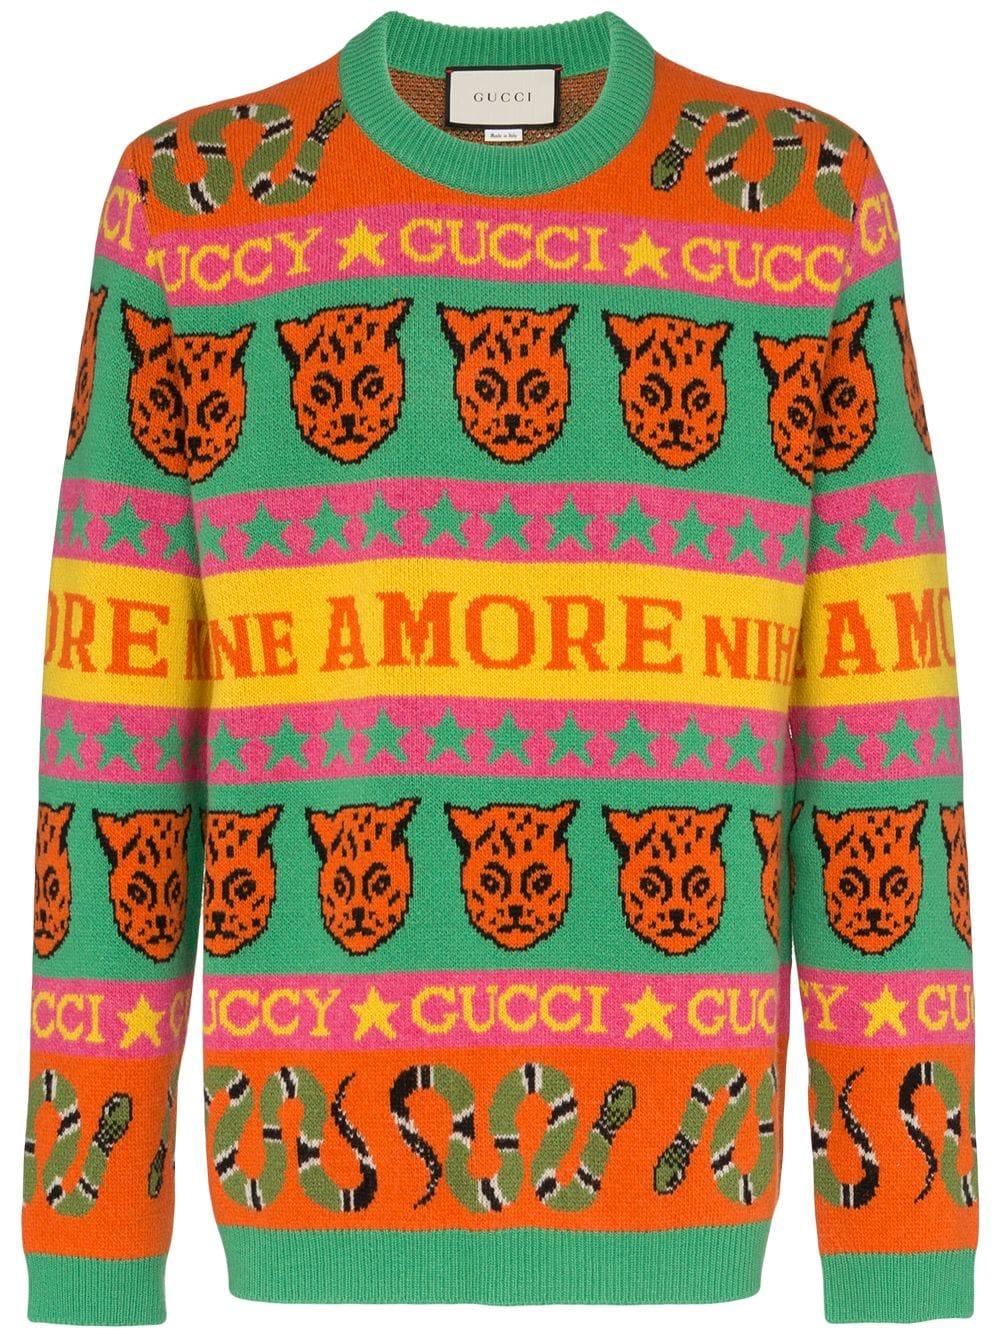 Jersey de Gucci con tigres y serpientes